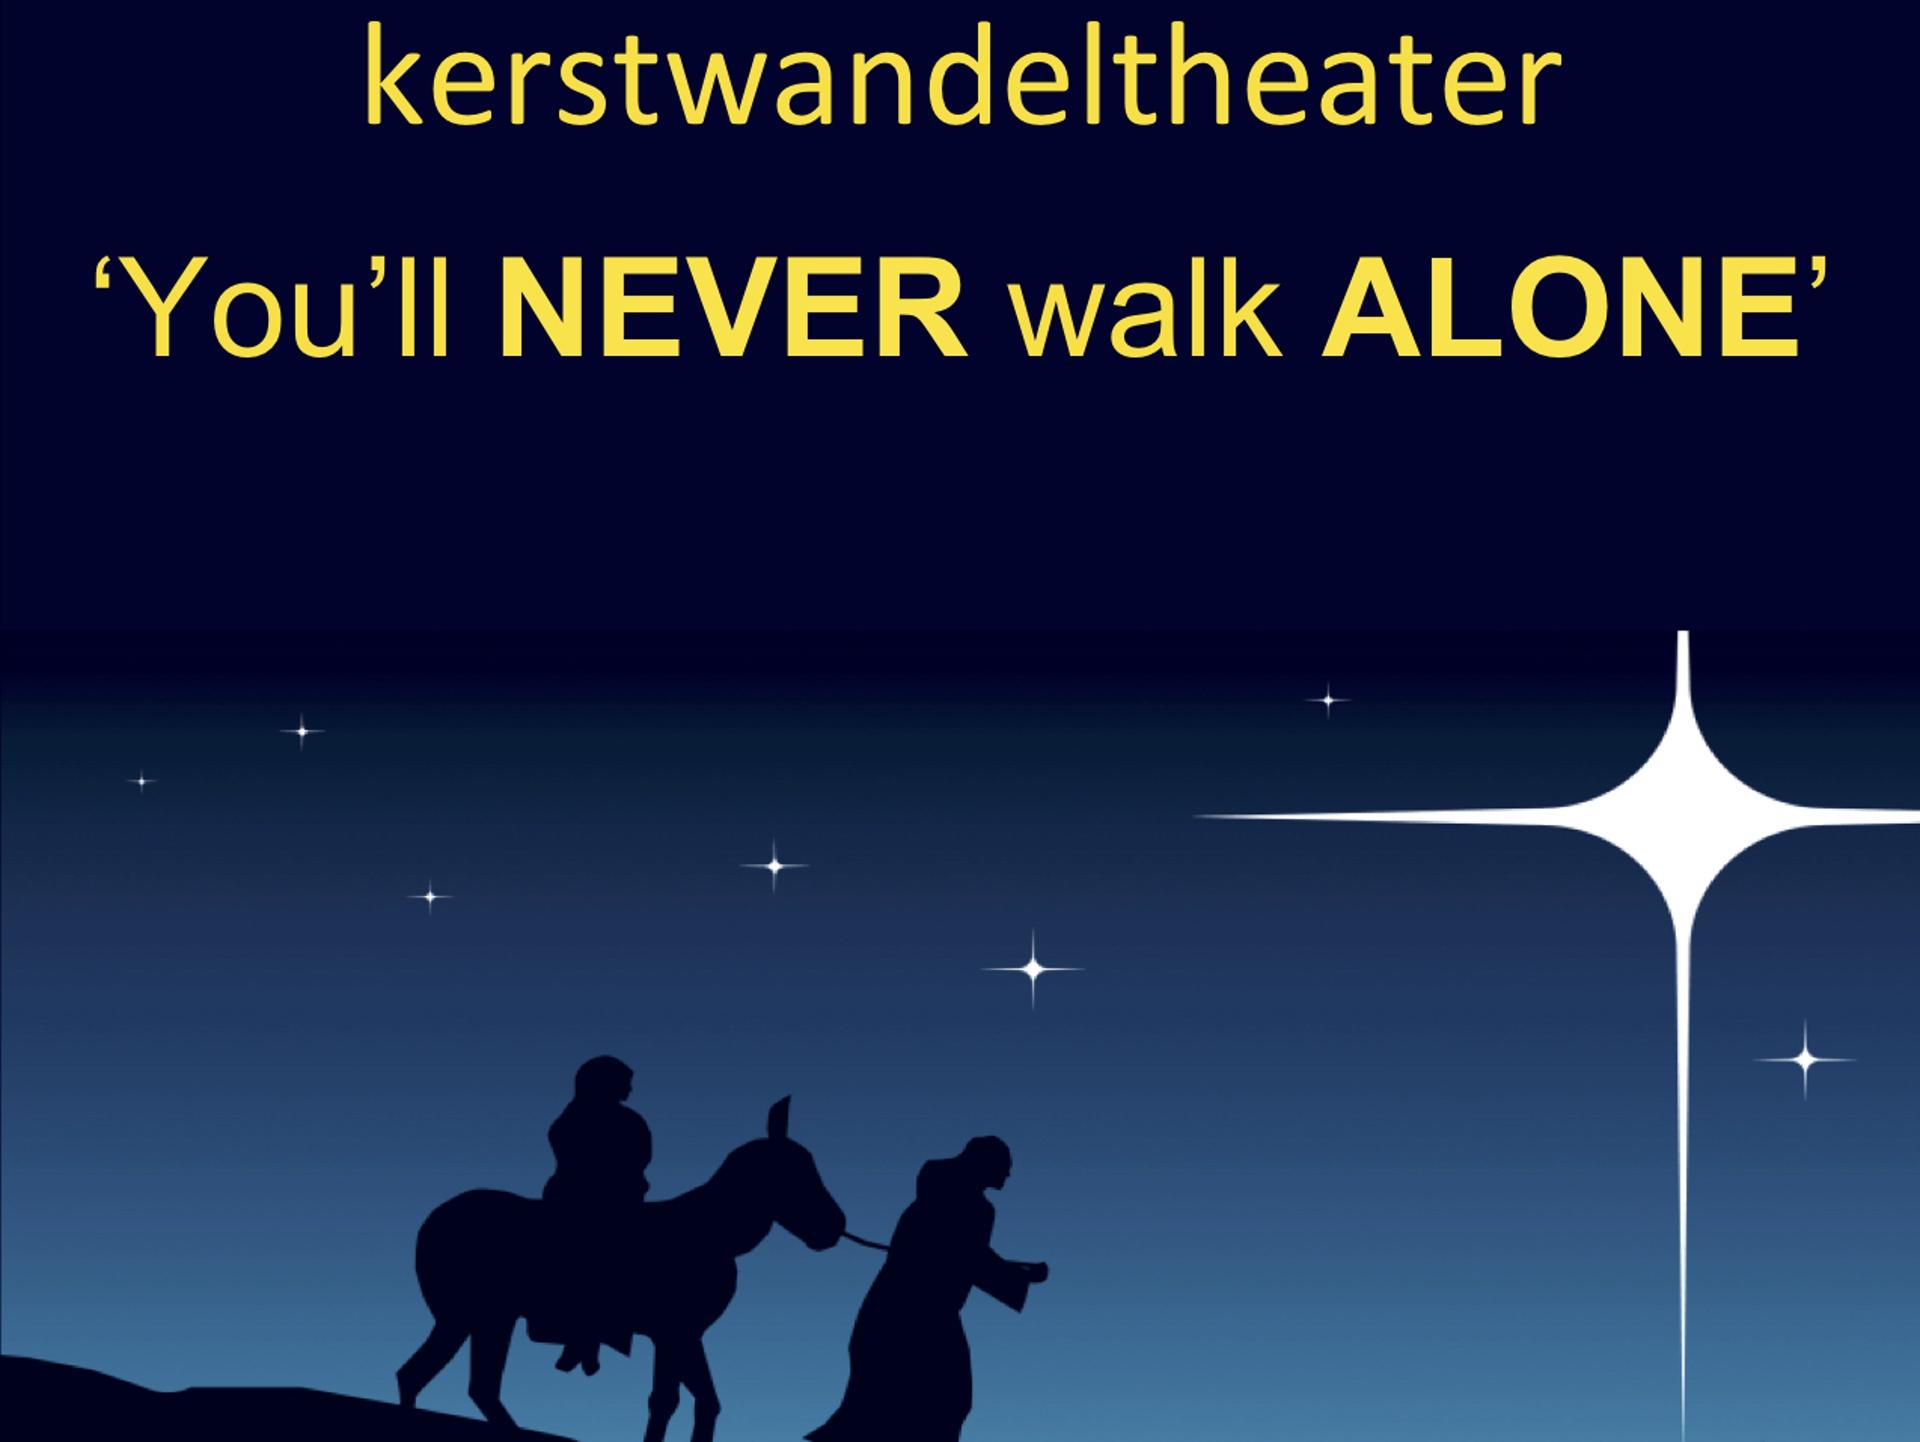 kerstwandeltheater 'You 'll NEVER walk ALONE'